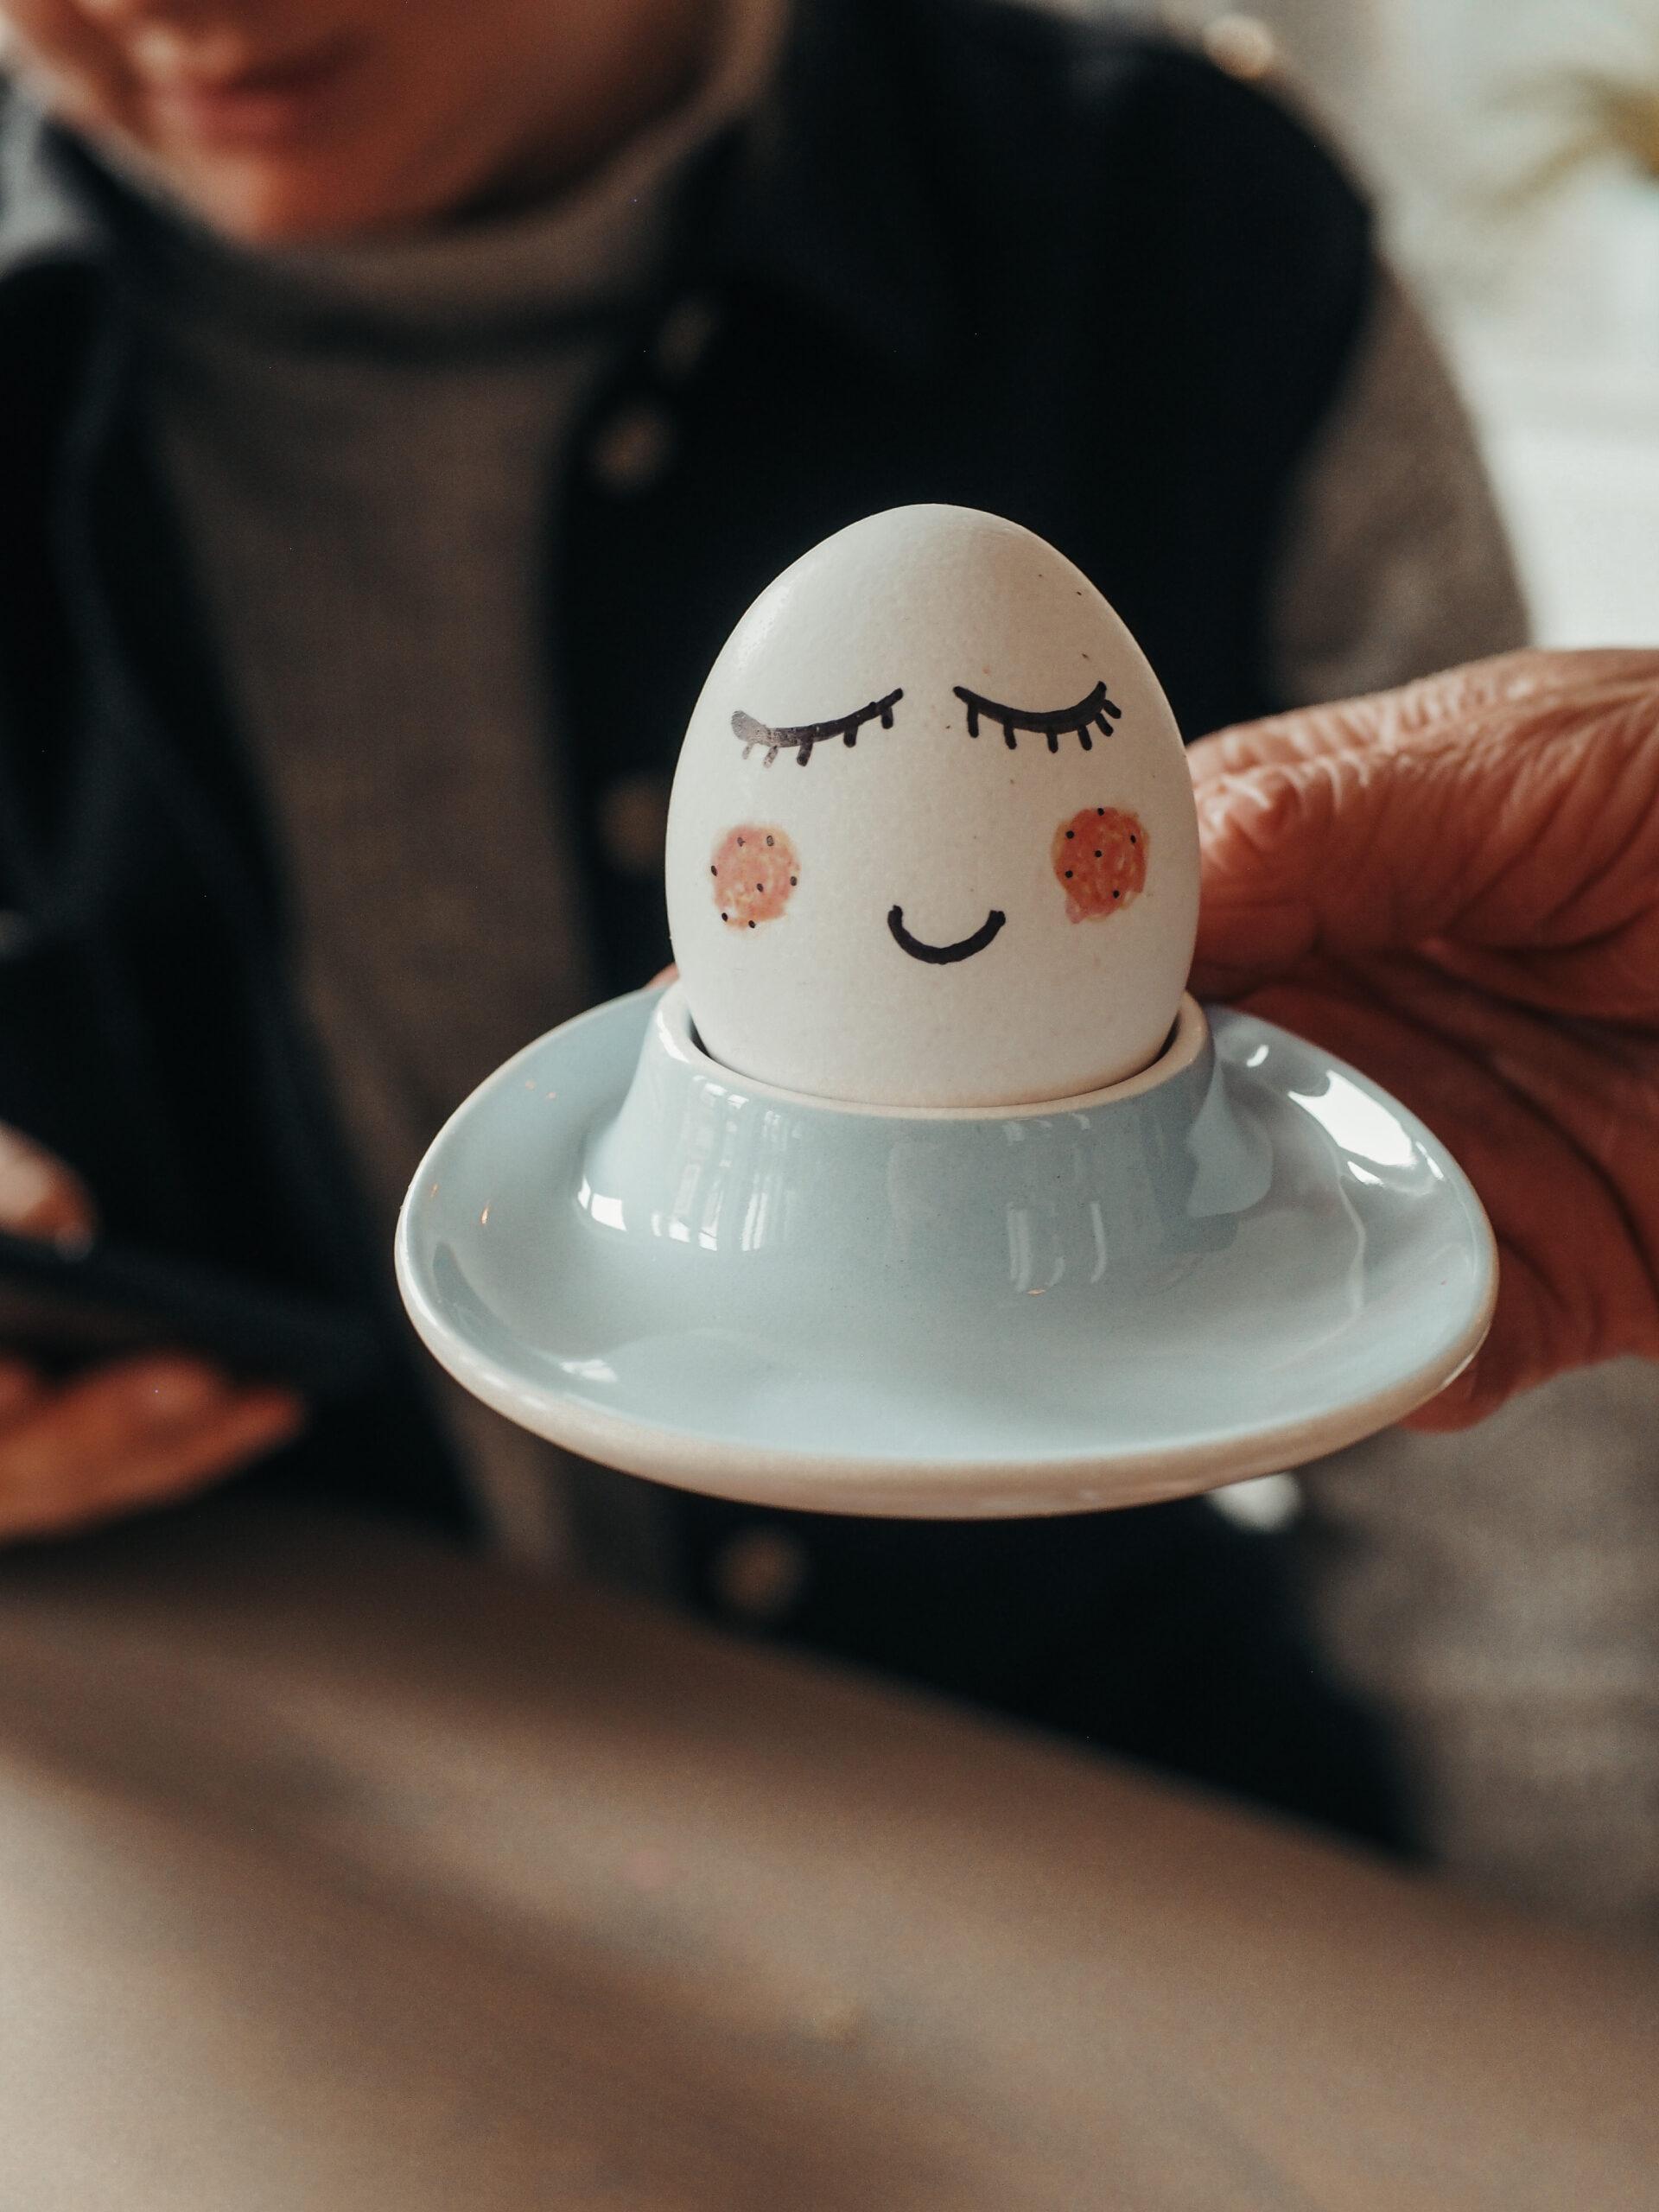 Egg med påmalt ansikt i eggeglass. Foto.